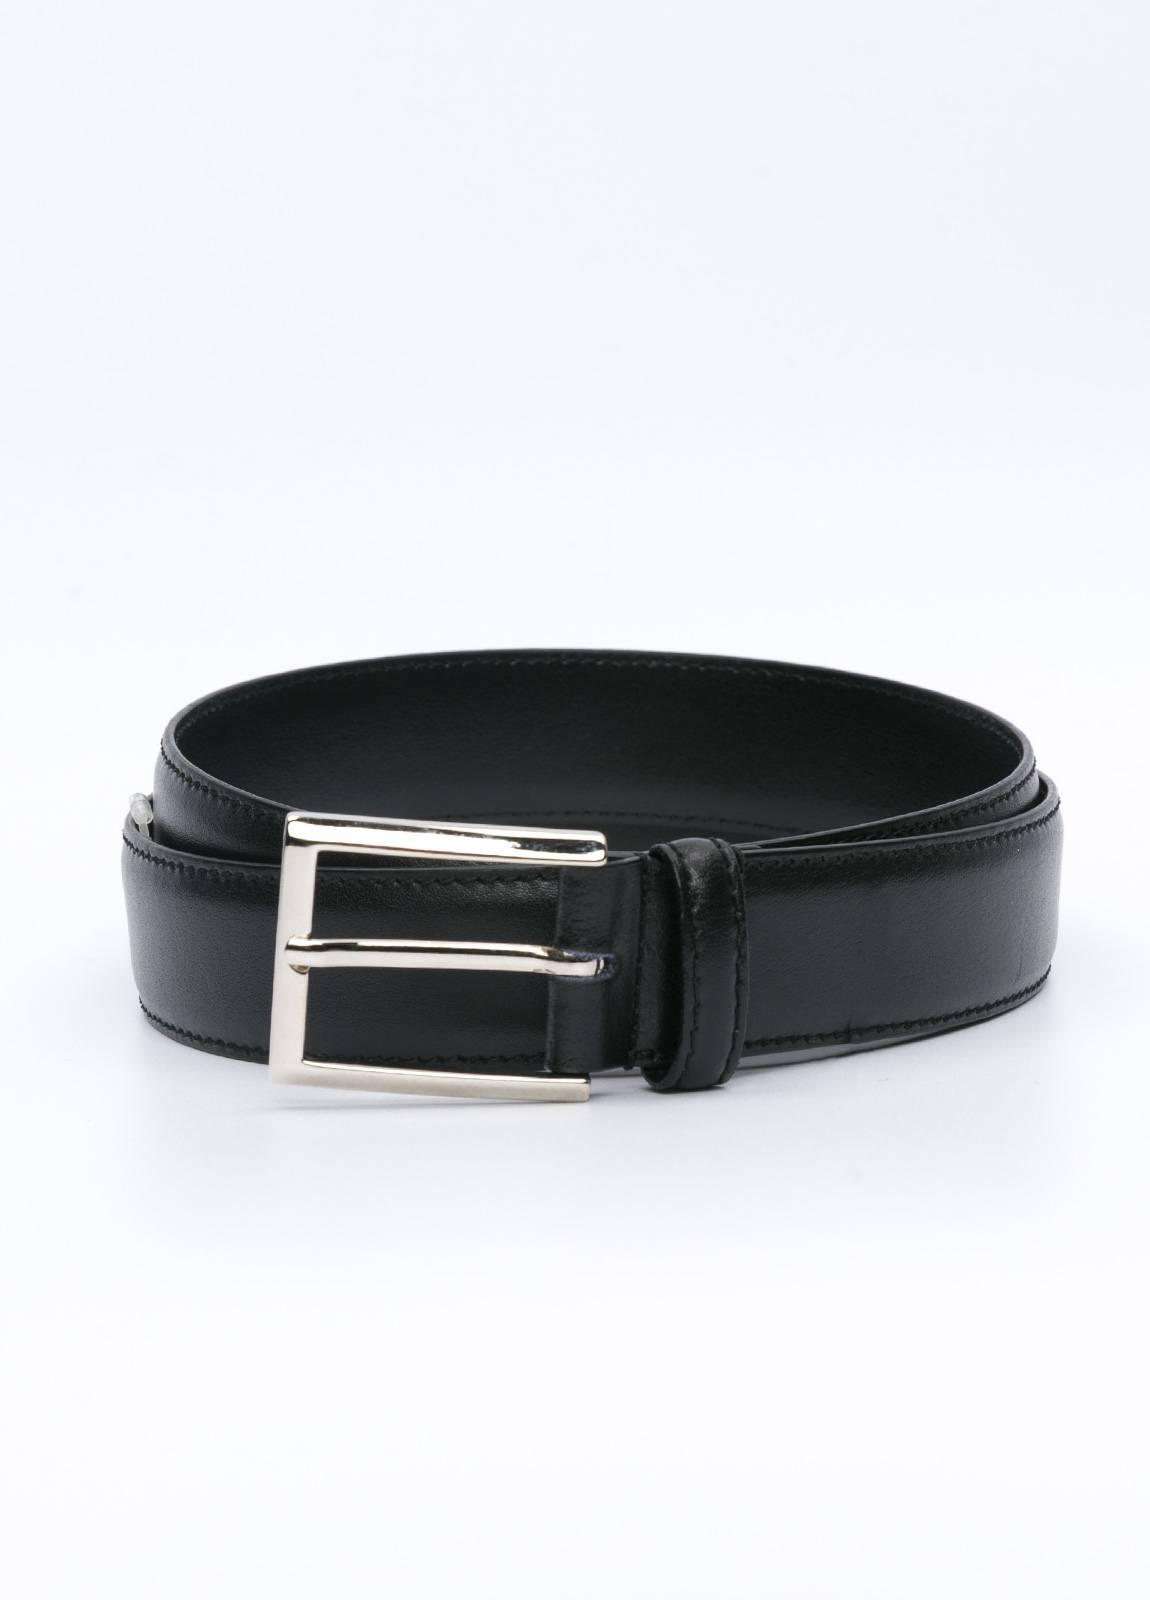 Cinturón Vestir FUREST COLECCIÓN piel lisa negro